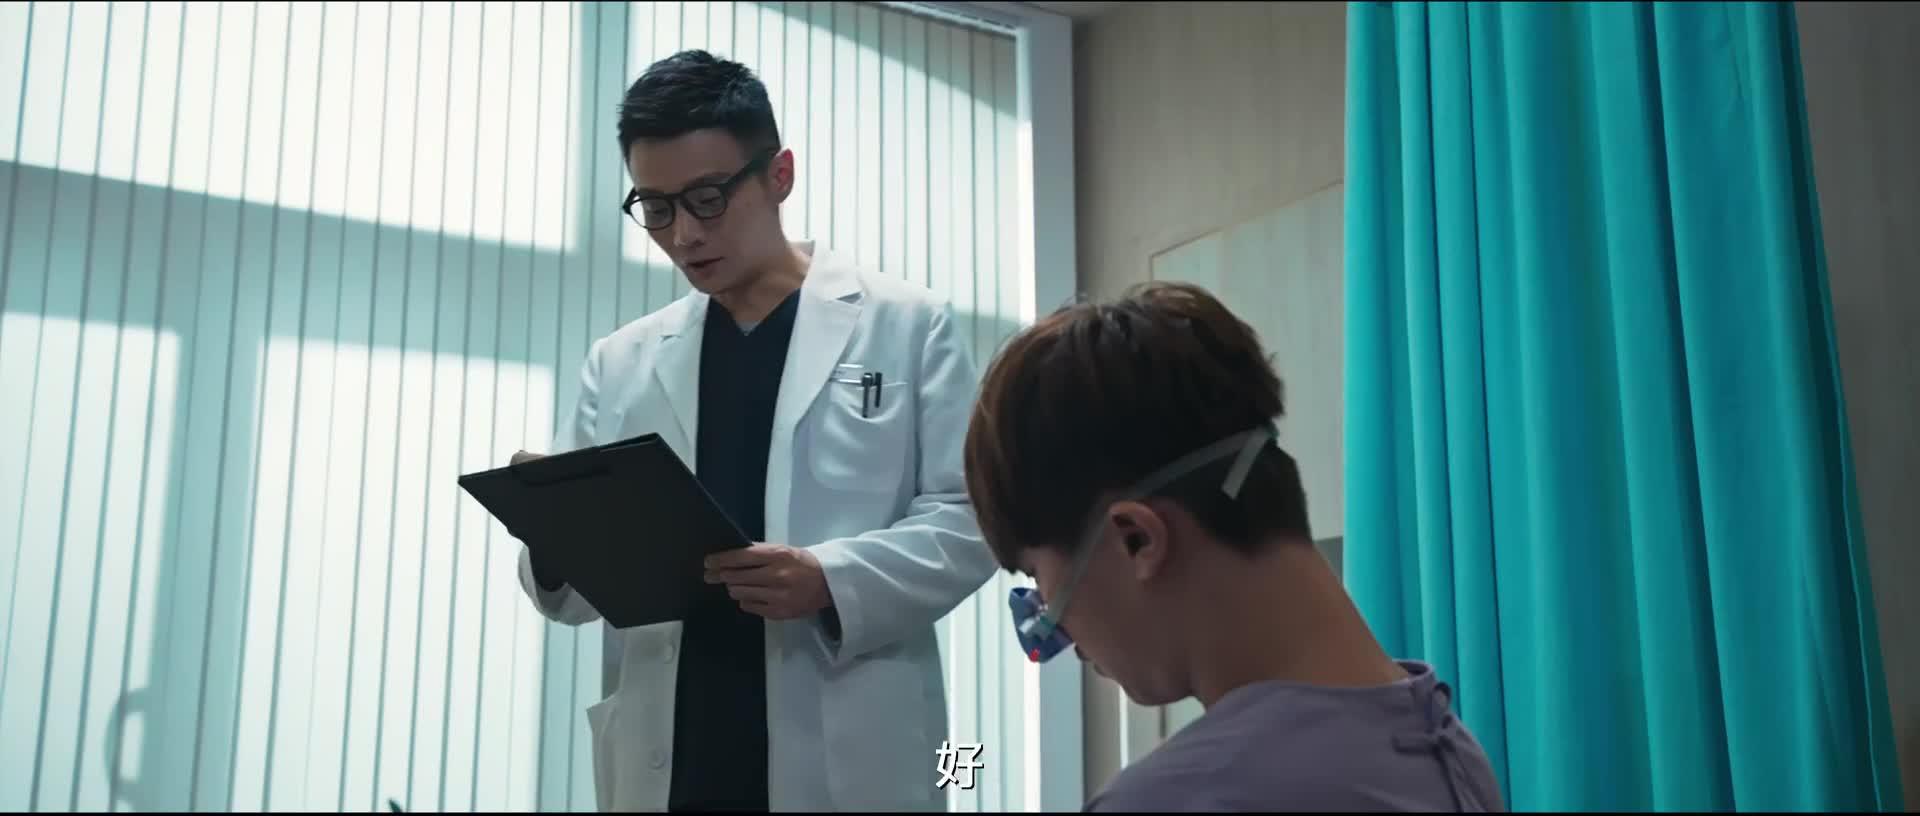 私家侦探铁柱,到医院挖狼族少年整形的信息